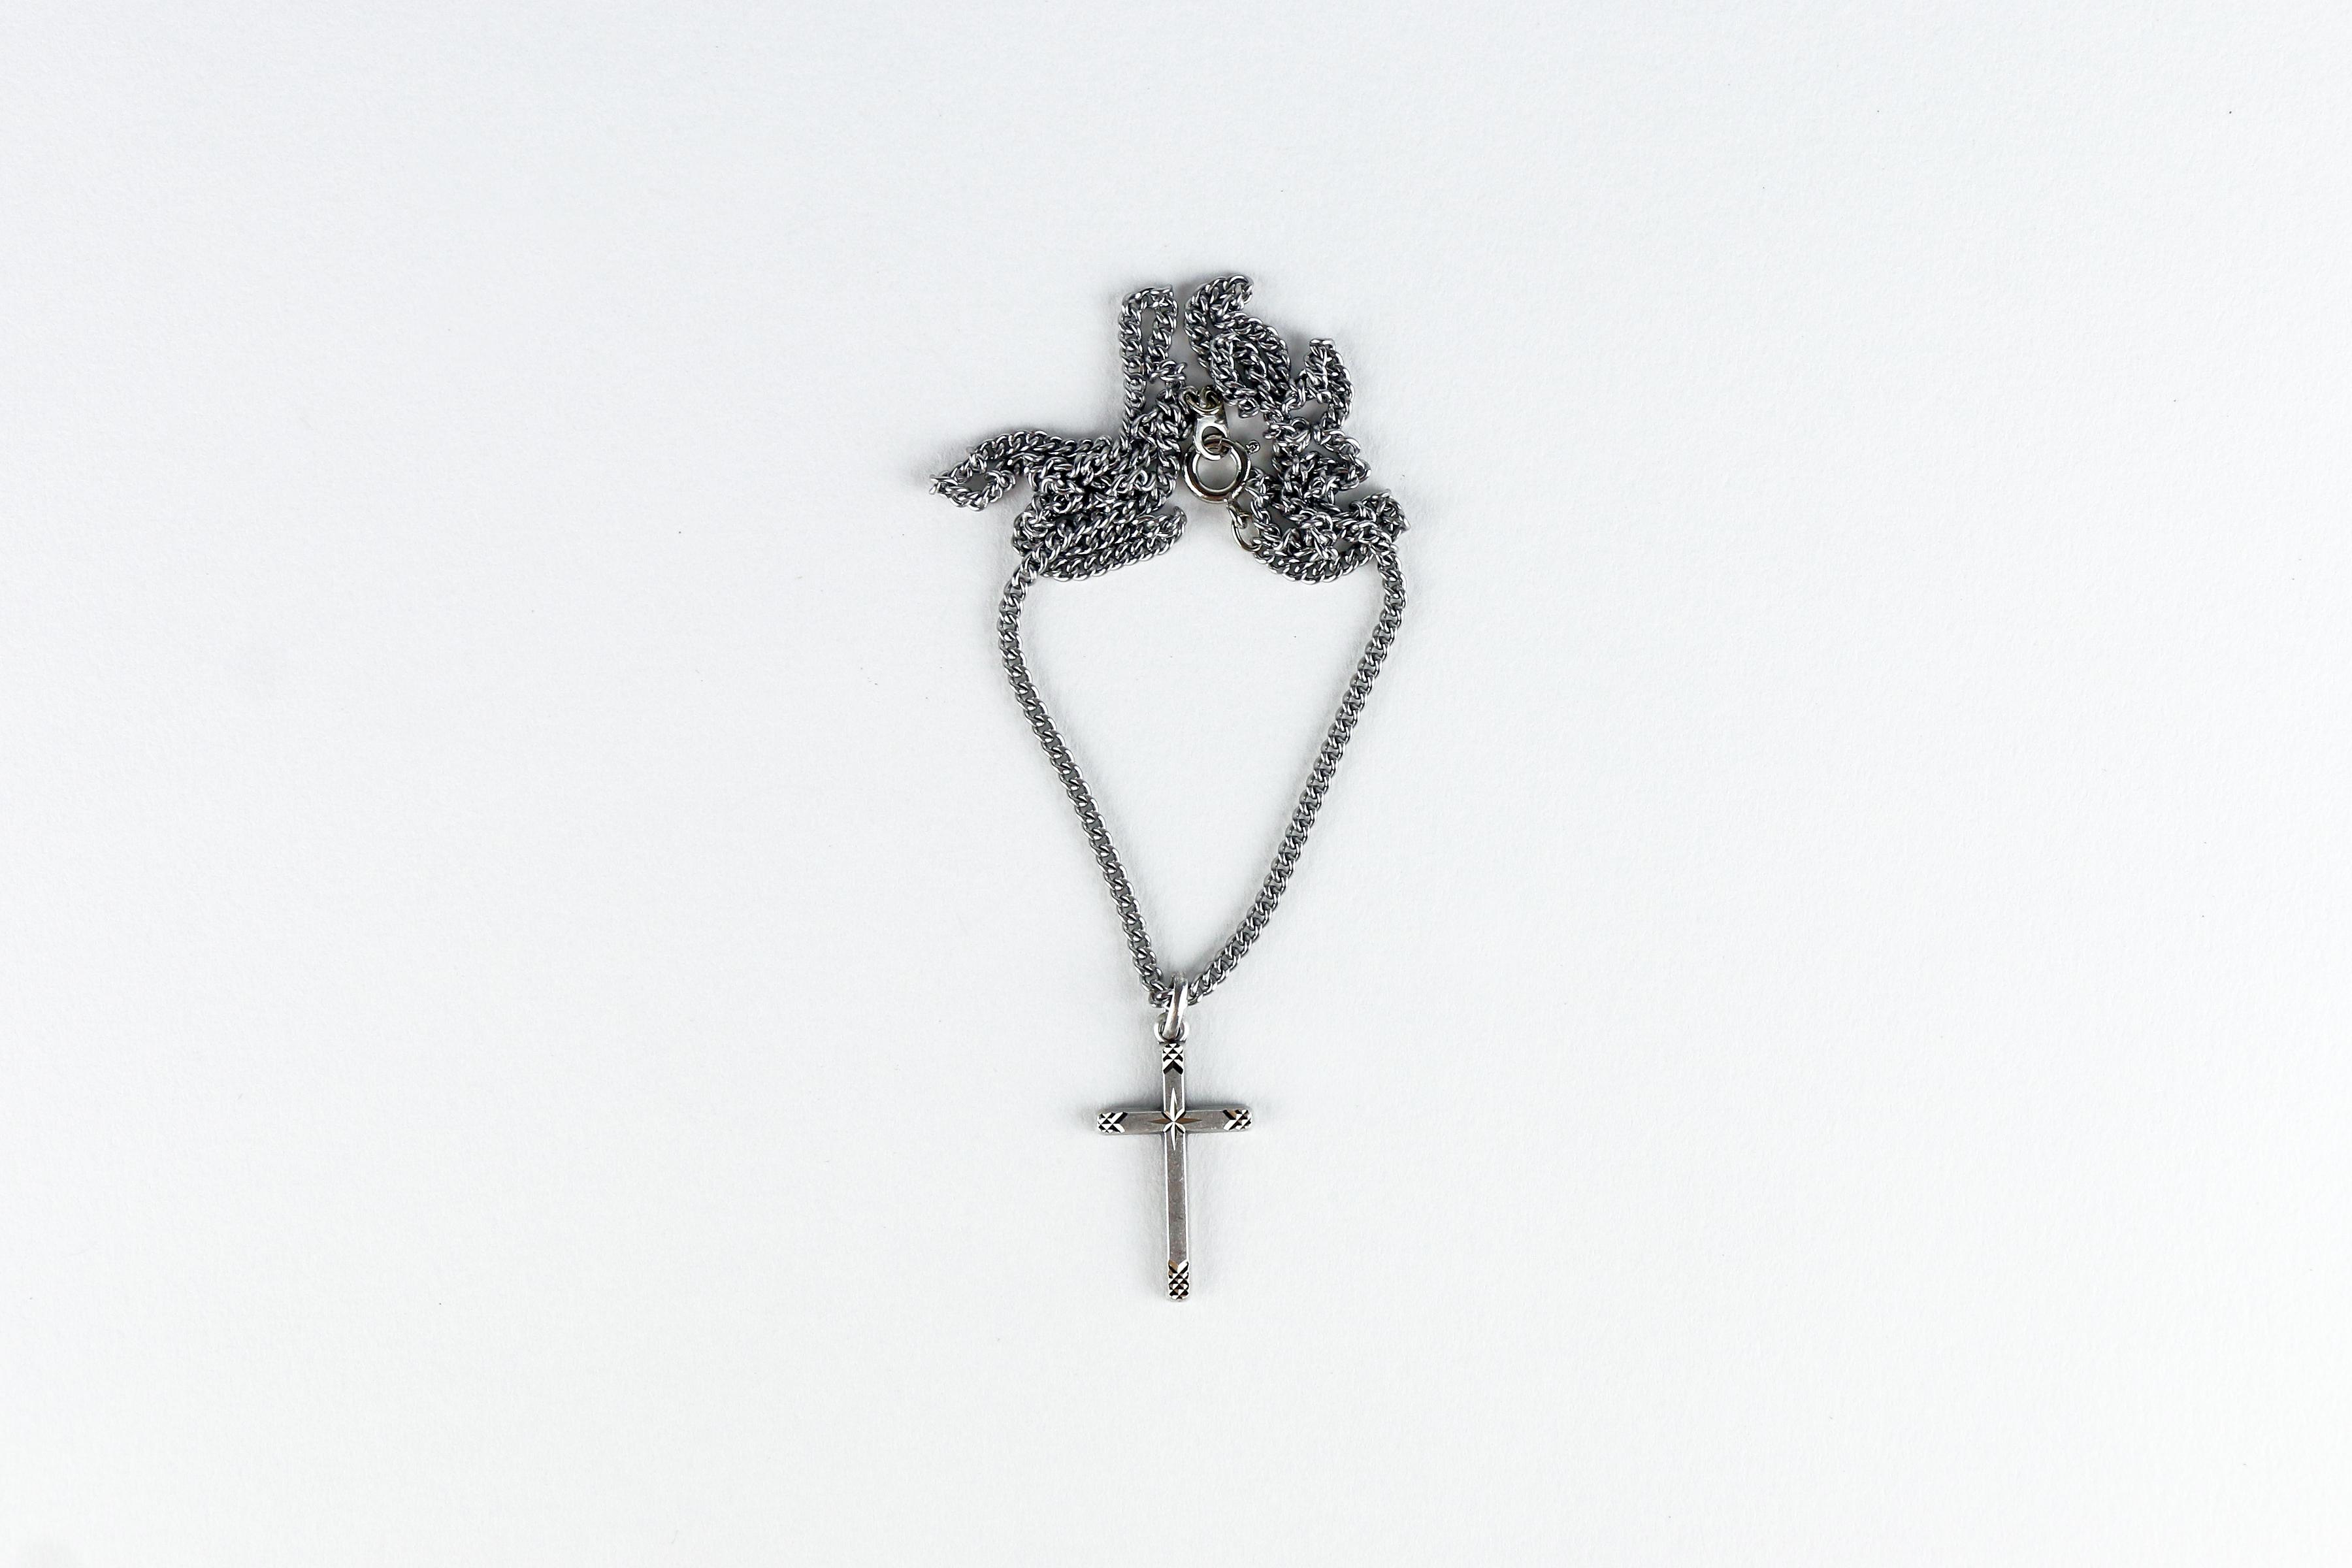 Chaîne et croix étoilée en étain / Tin cross and chain